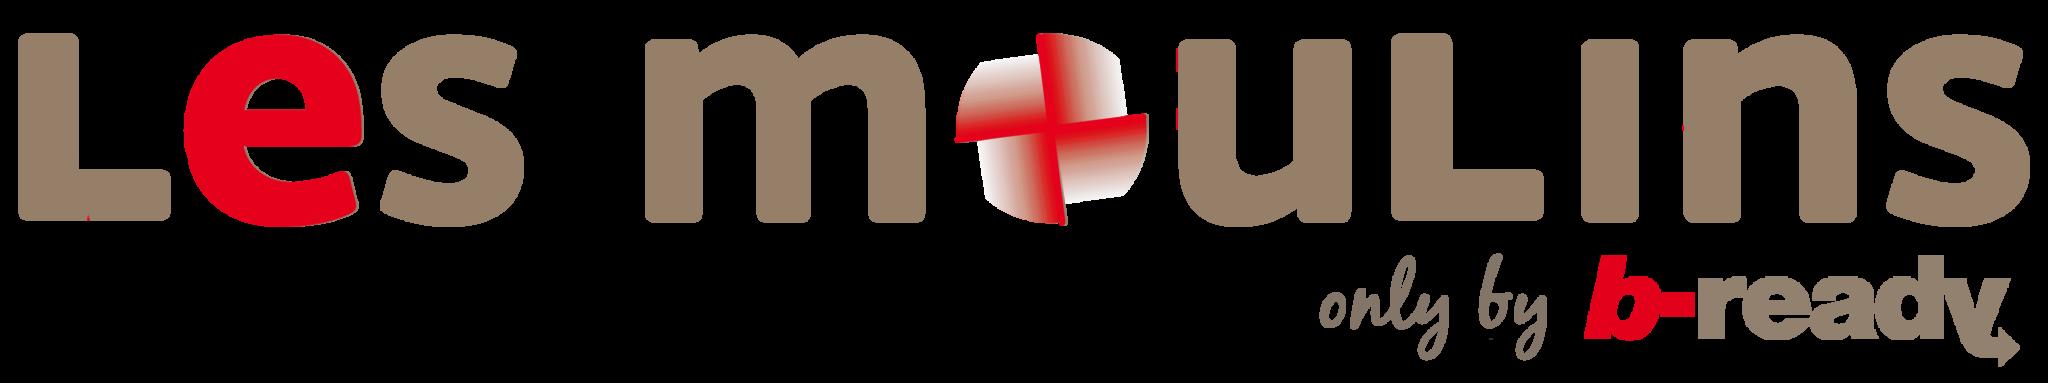 Les-Moulins-Nouveau-logo-2020-v1-2048x383